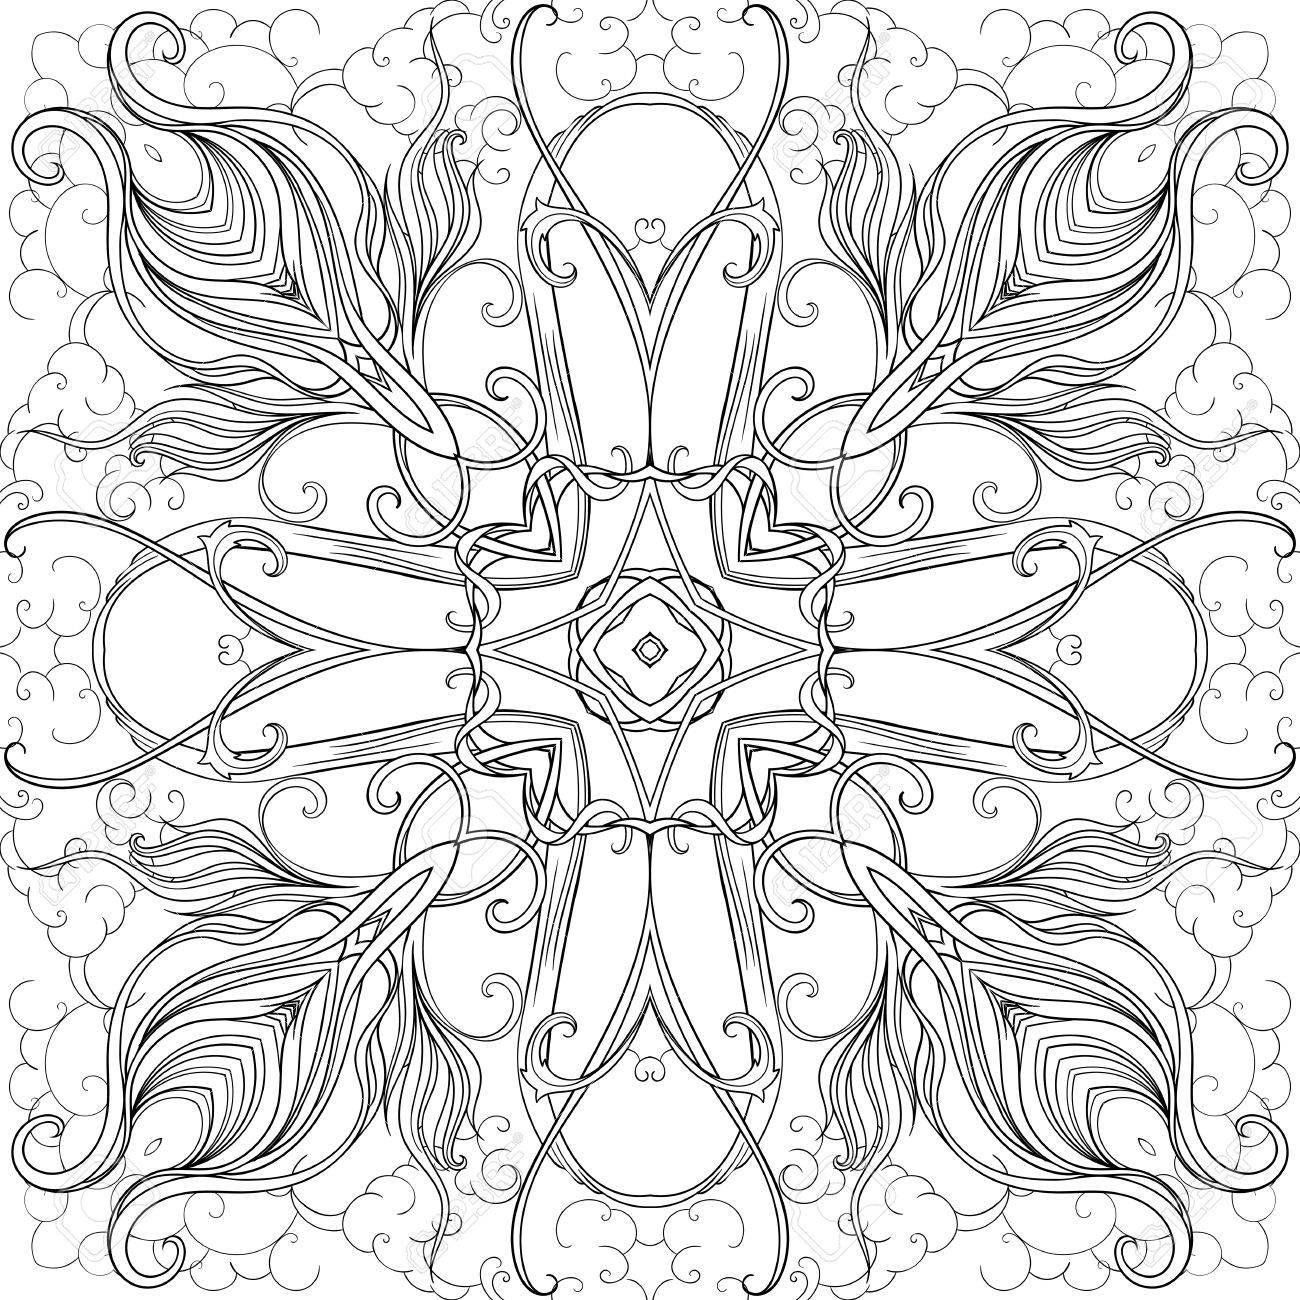 Schwarz-Weiß-Bild Der Blätter Kreuz über Wolken Bilden. Adult ...